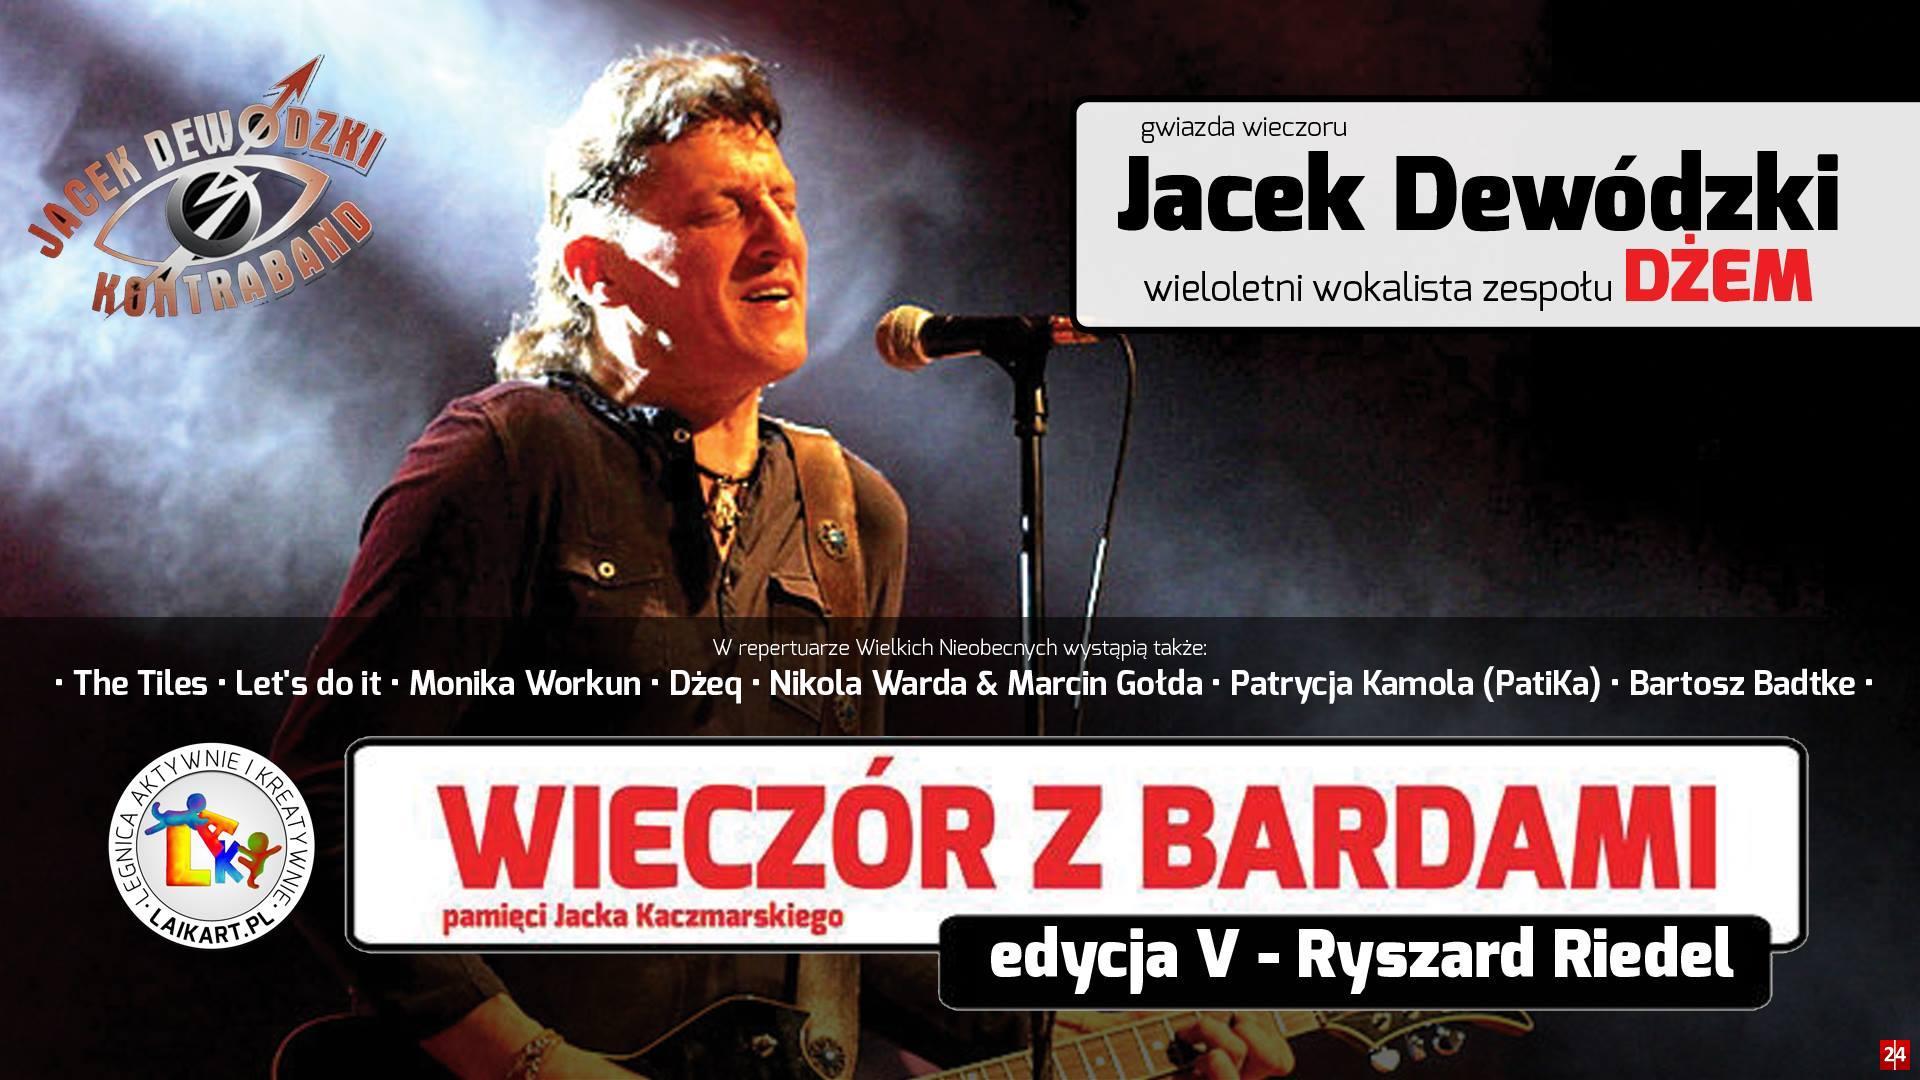 WIECZÓR Z BARDAMI oraz Jackiem Dewódzkim - wokalistą zespołu Dżem